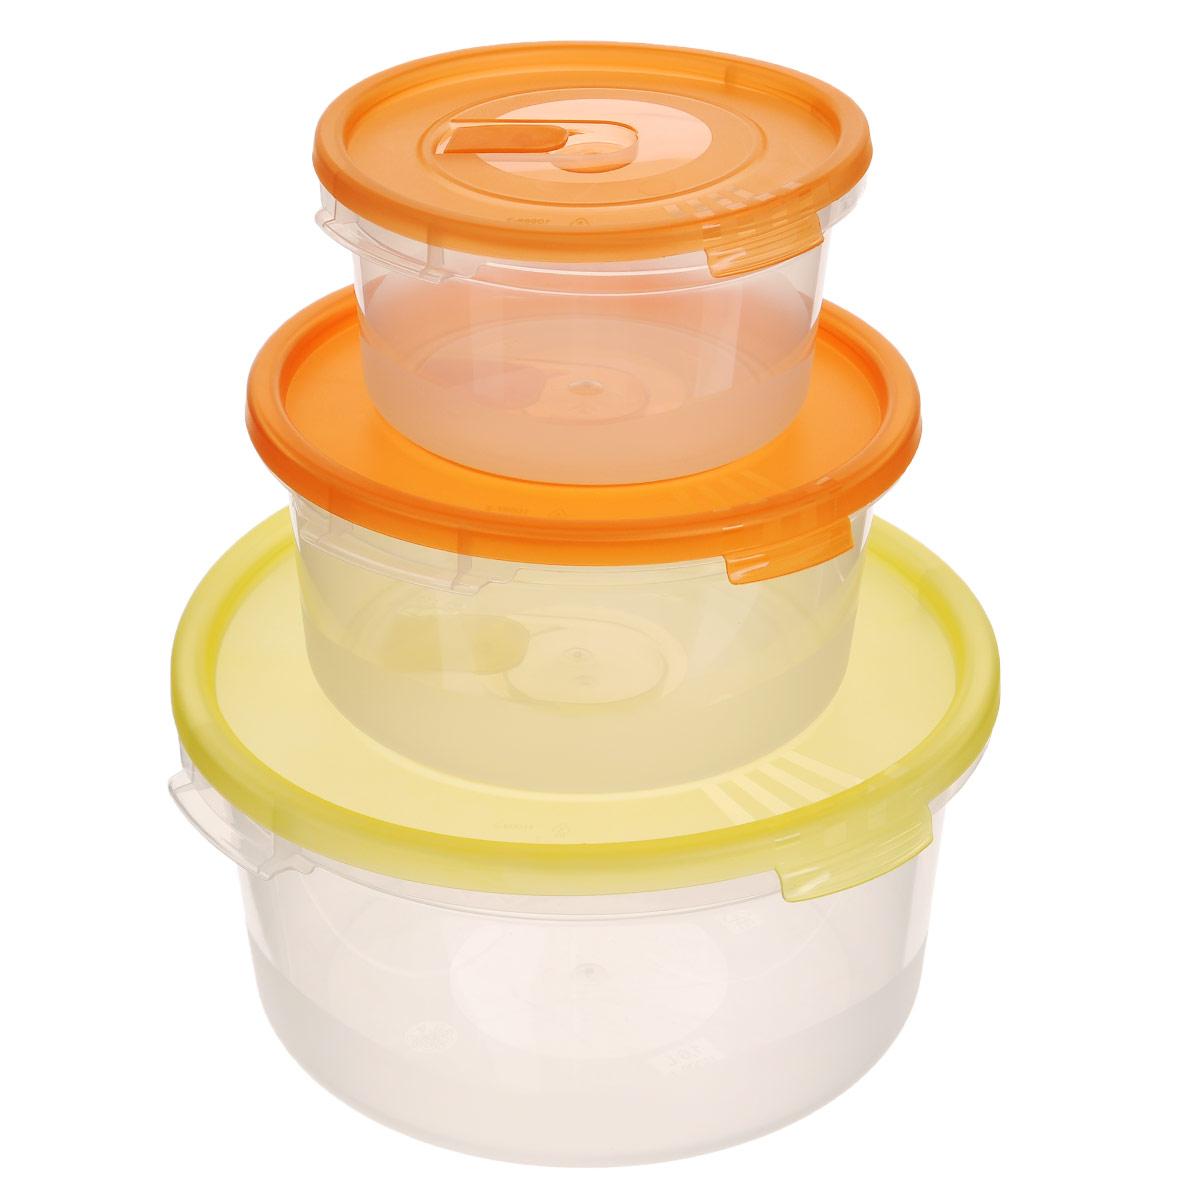 Набор контейнеров Полимербыт Смайл, с клапаном, цвет: желтый, оранжевый, 3 штС52203_желтый, оранжевыйНабор контейнеров Полимербыт Смайл круглой формы, изготовленный из прочного пластика,предназначен специально для хранения пищевых продуктов.Каждый контейнер оснащен герметичной крышкой со специальным клапаном, благодаря которомувнутри создается вакуум, и продукты дольше сохраняют свежесть и аромат. Крышка легкооткрывается и плотно закрывается. Стенки контейнера прозрачные - хорошо видно, что внутри. Контейнер устойчив к воздействию масел и жиров, легко моется. Подходит для использования вмикроволновых печах при температуре до +100°С, выдерживает хранение в морозильной камерепри температуре -40°С, его можно мыть в посудомоечной машине. Объем: 0,4 л; 0,8 л; 1,6 л. Диаметр: 12 см; 15 см; 20 см.Высота стенки (без учета крышки): 6 см; 7 см; 9 см.